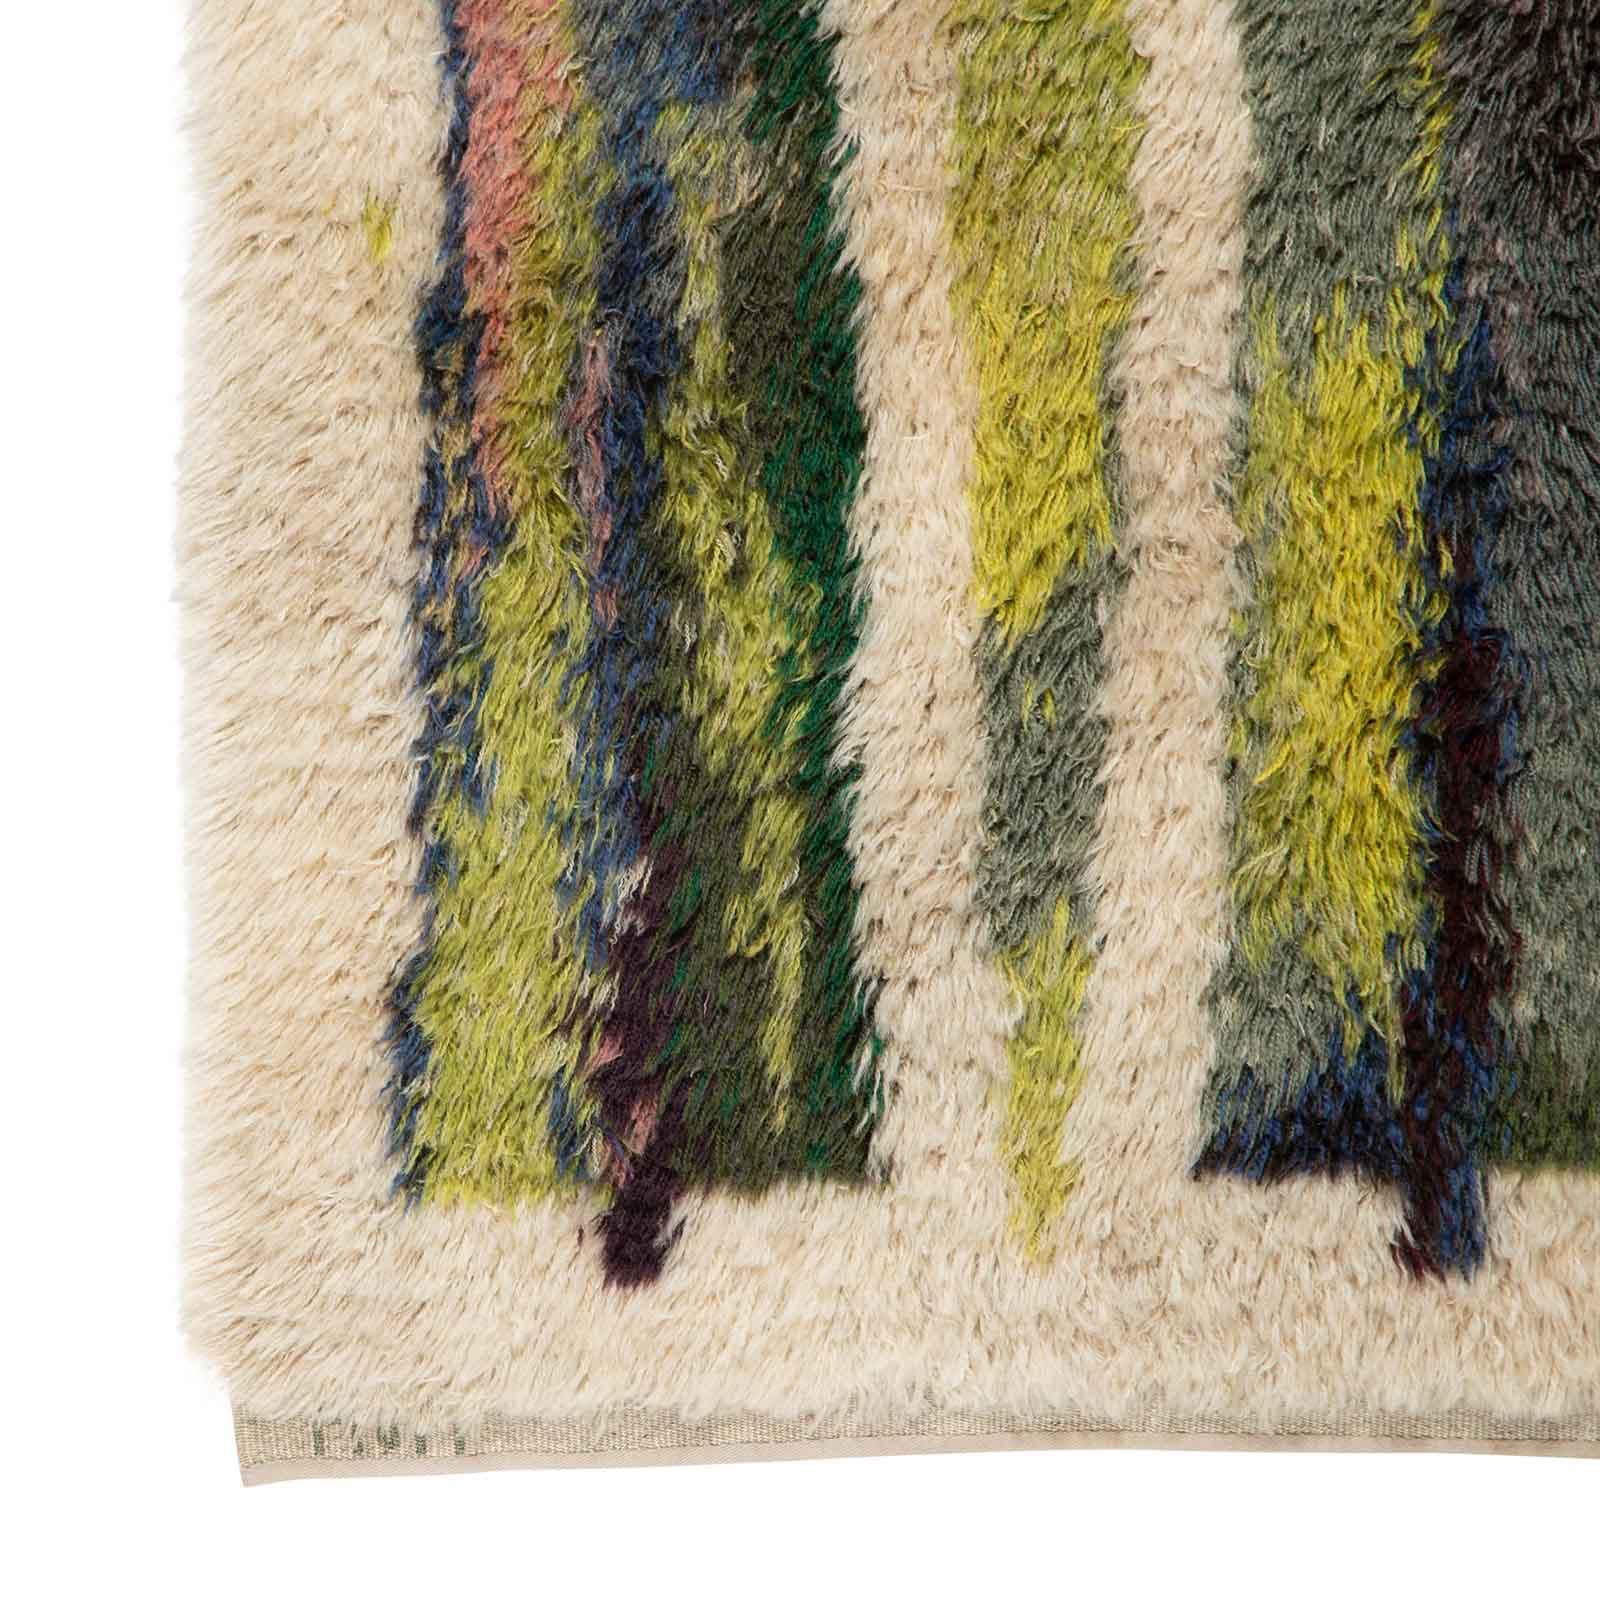 A rya rug - 'Granarna'